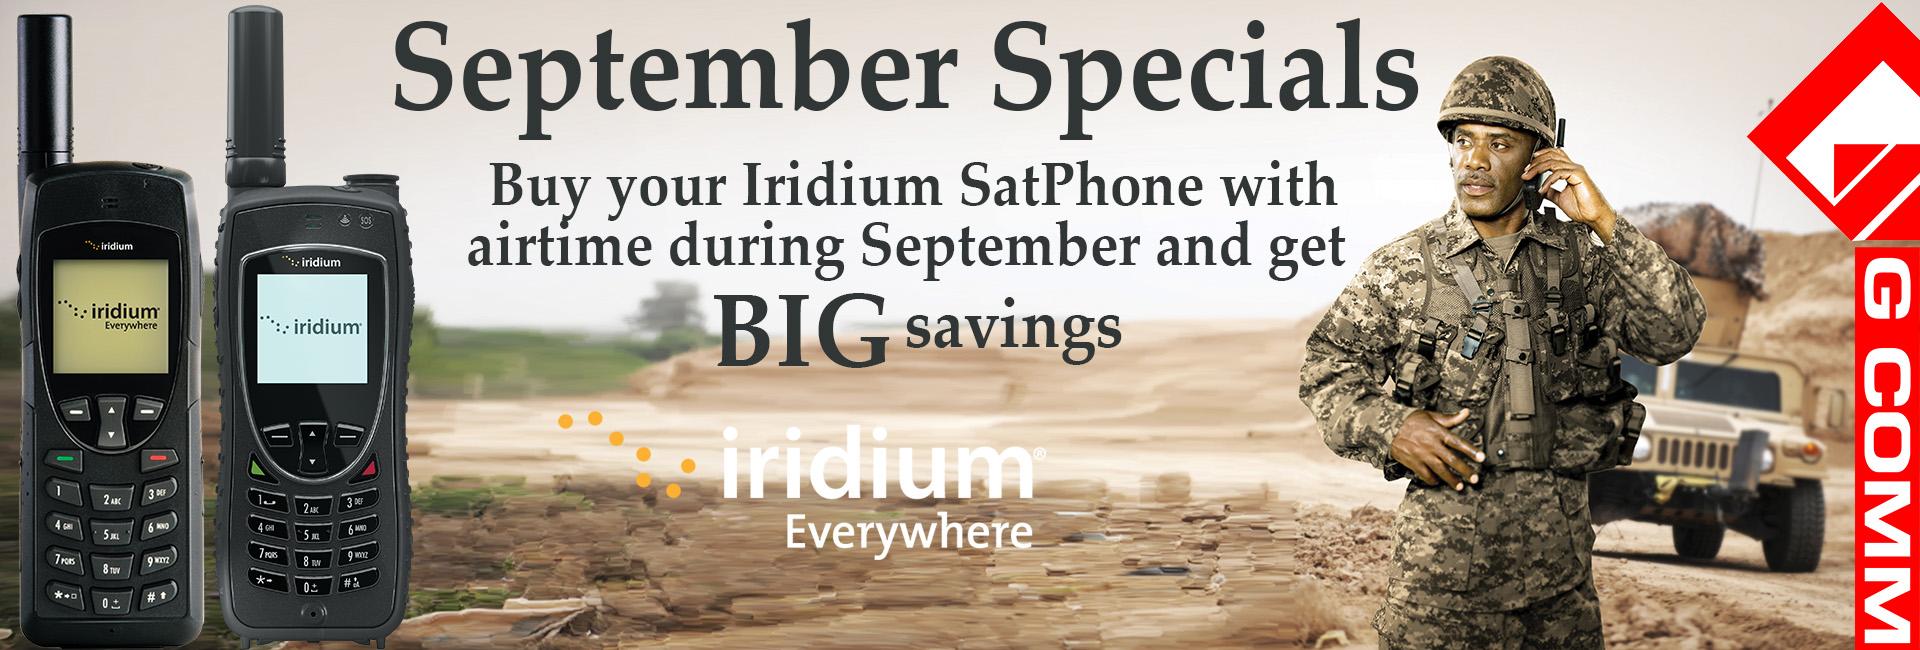 Iridium Handheld satellite phones - 9555 and 9575 Extreme